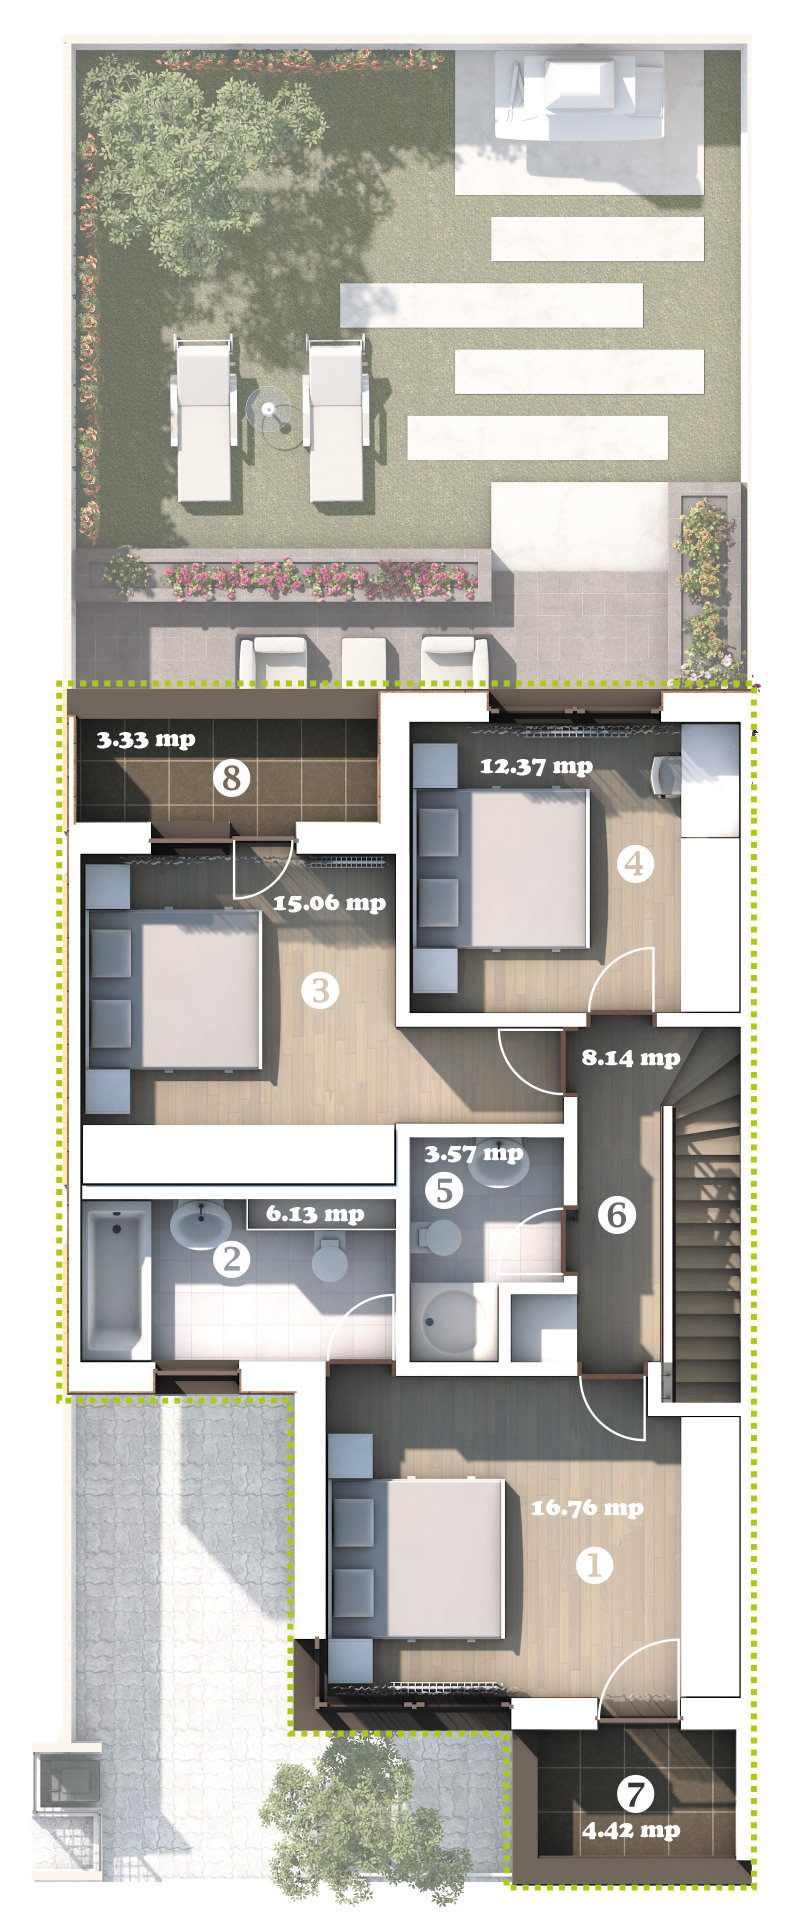 Ground Floor Plan House Type 1 City